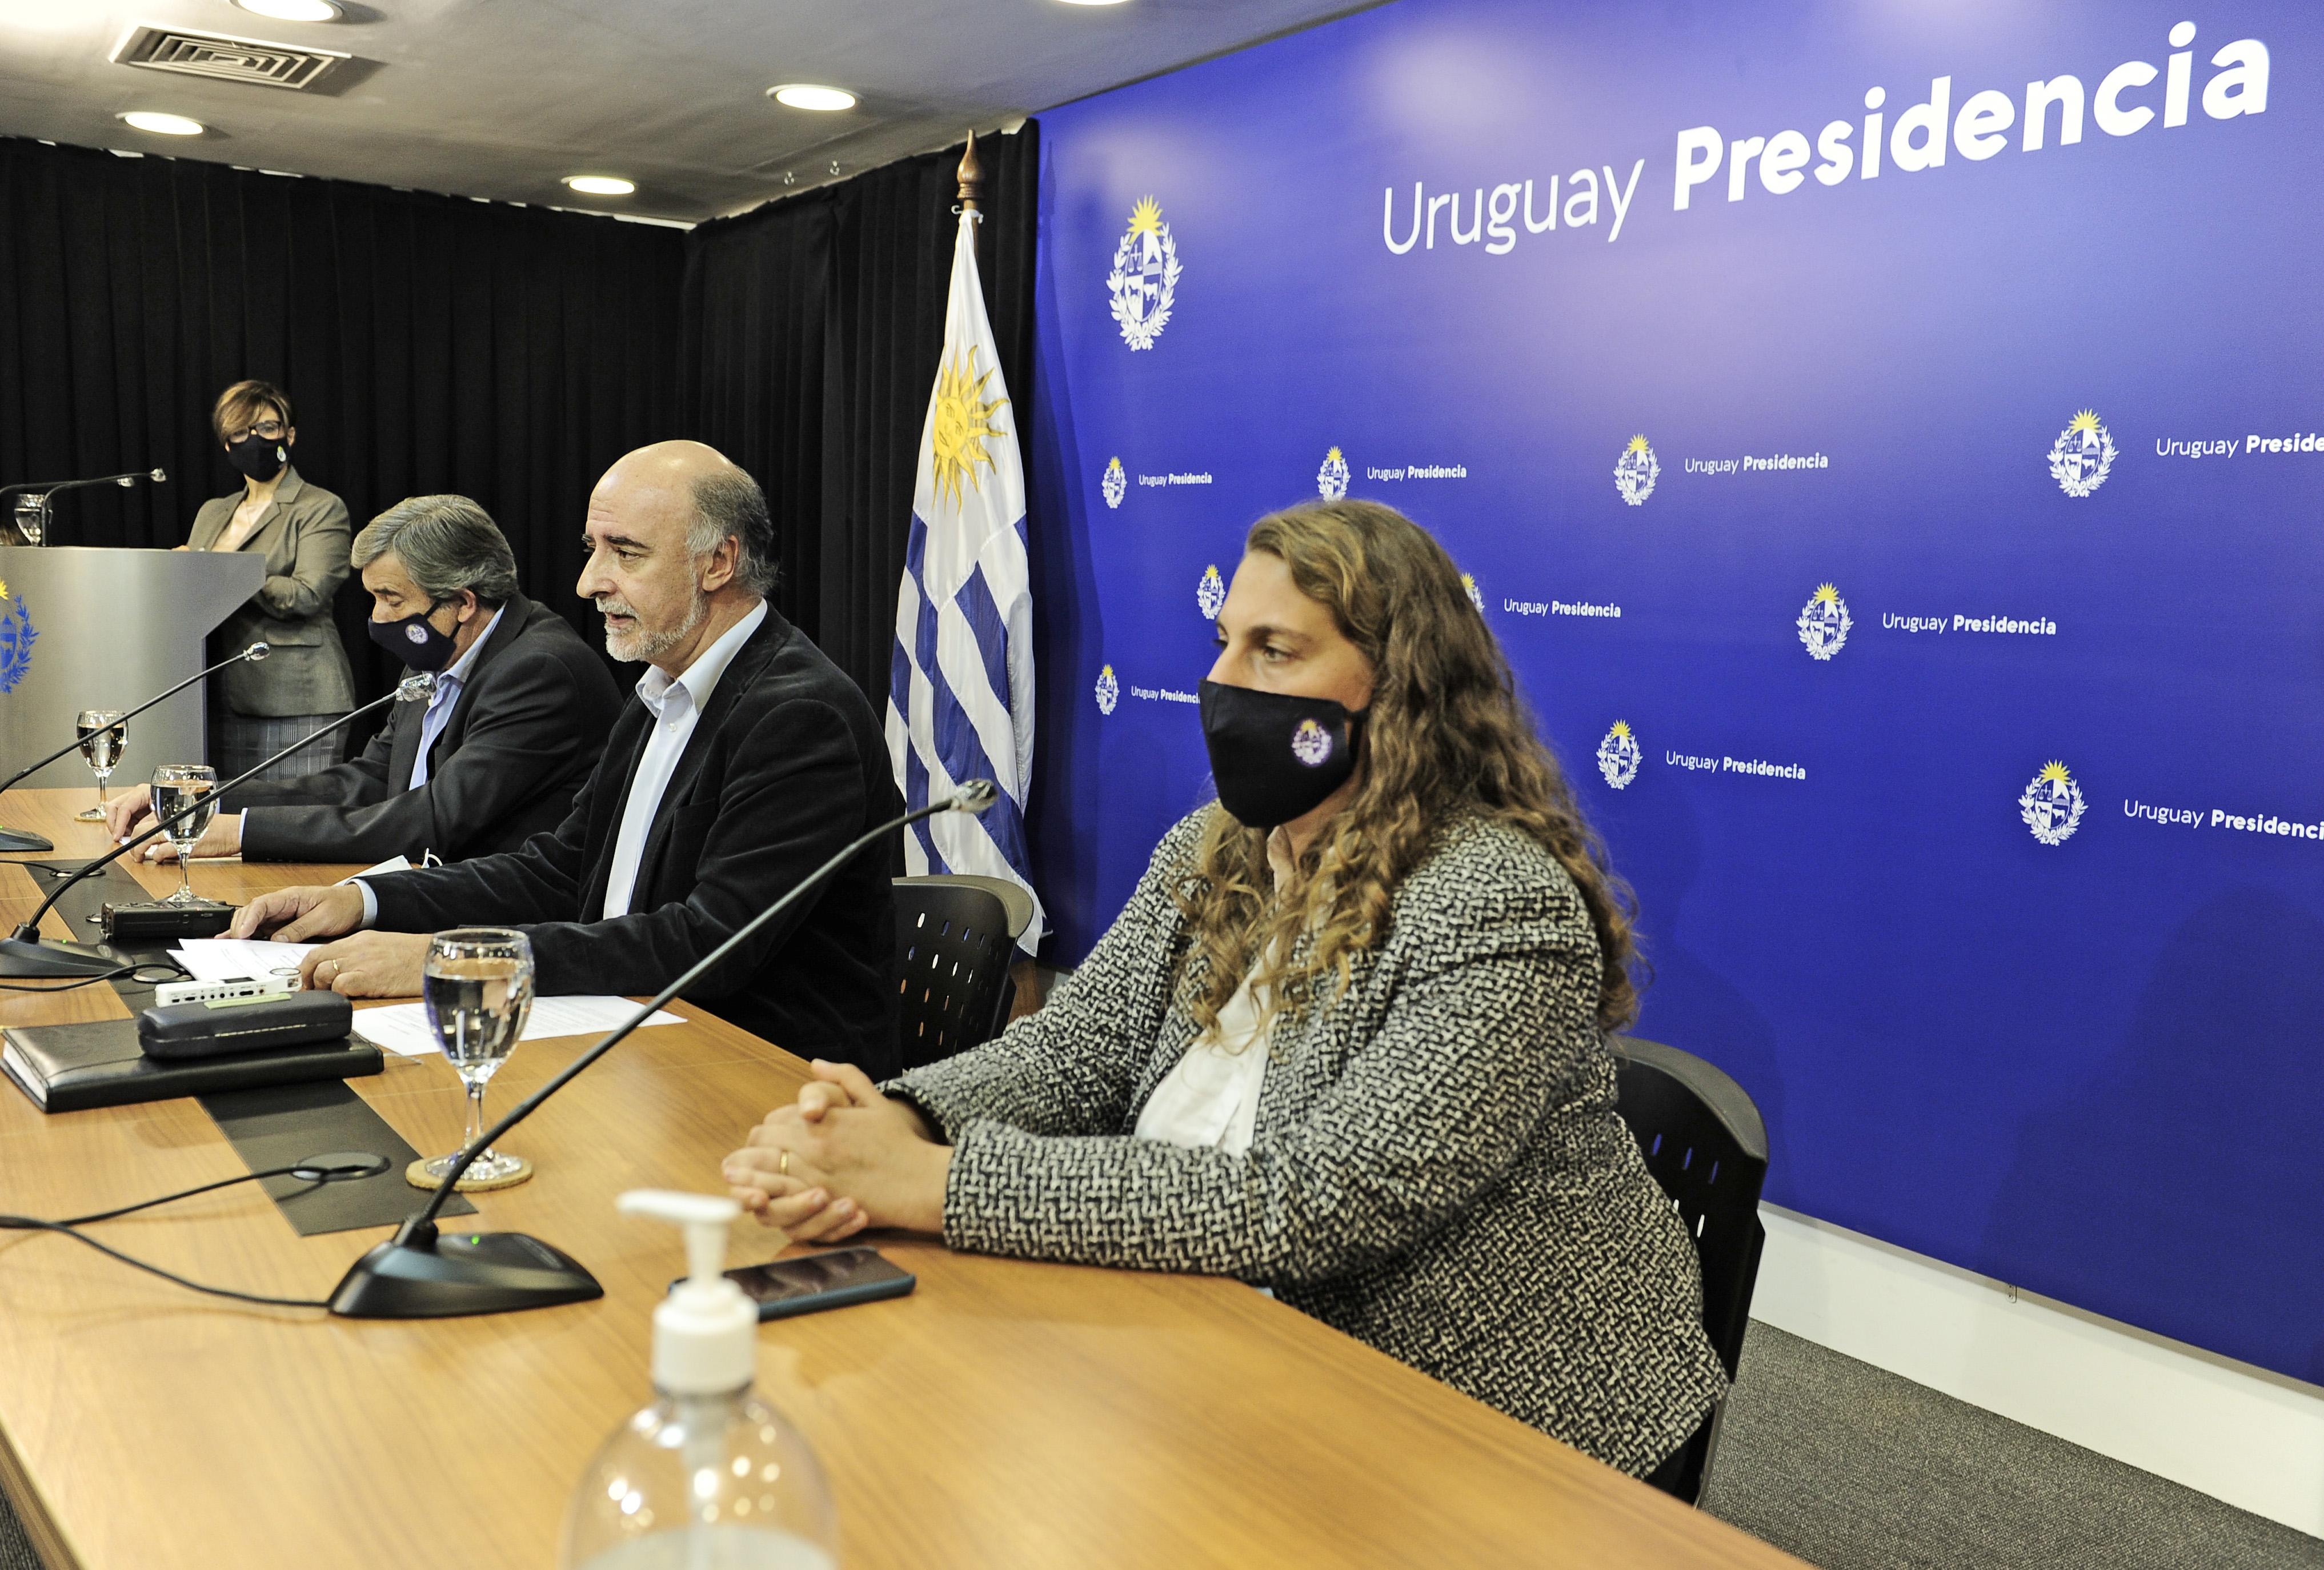 Ministro Pablo Mieres, acompañado por el subsecretario Mario Aritzi y la directora general de Secretaría, Valentina Arlegui